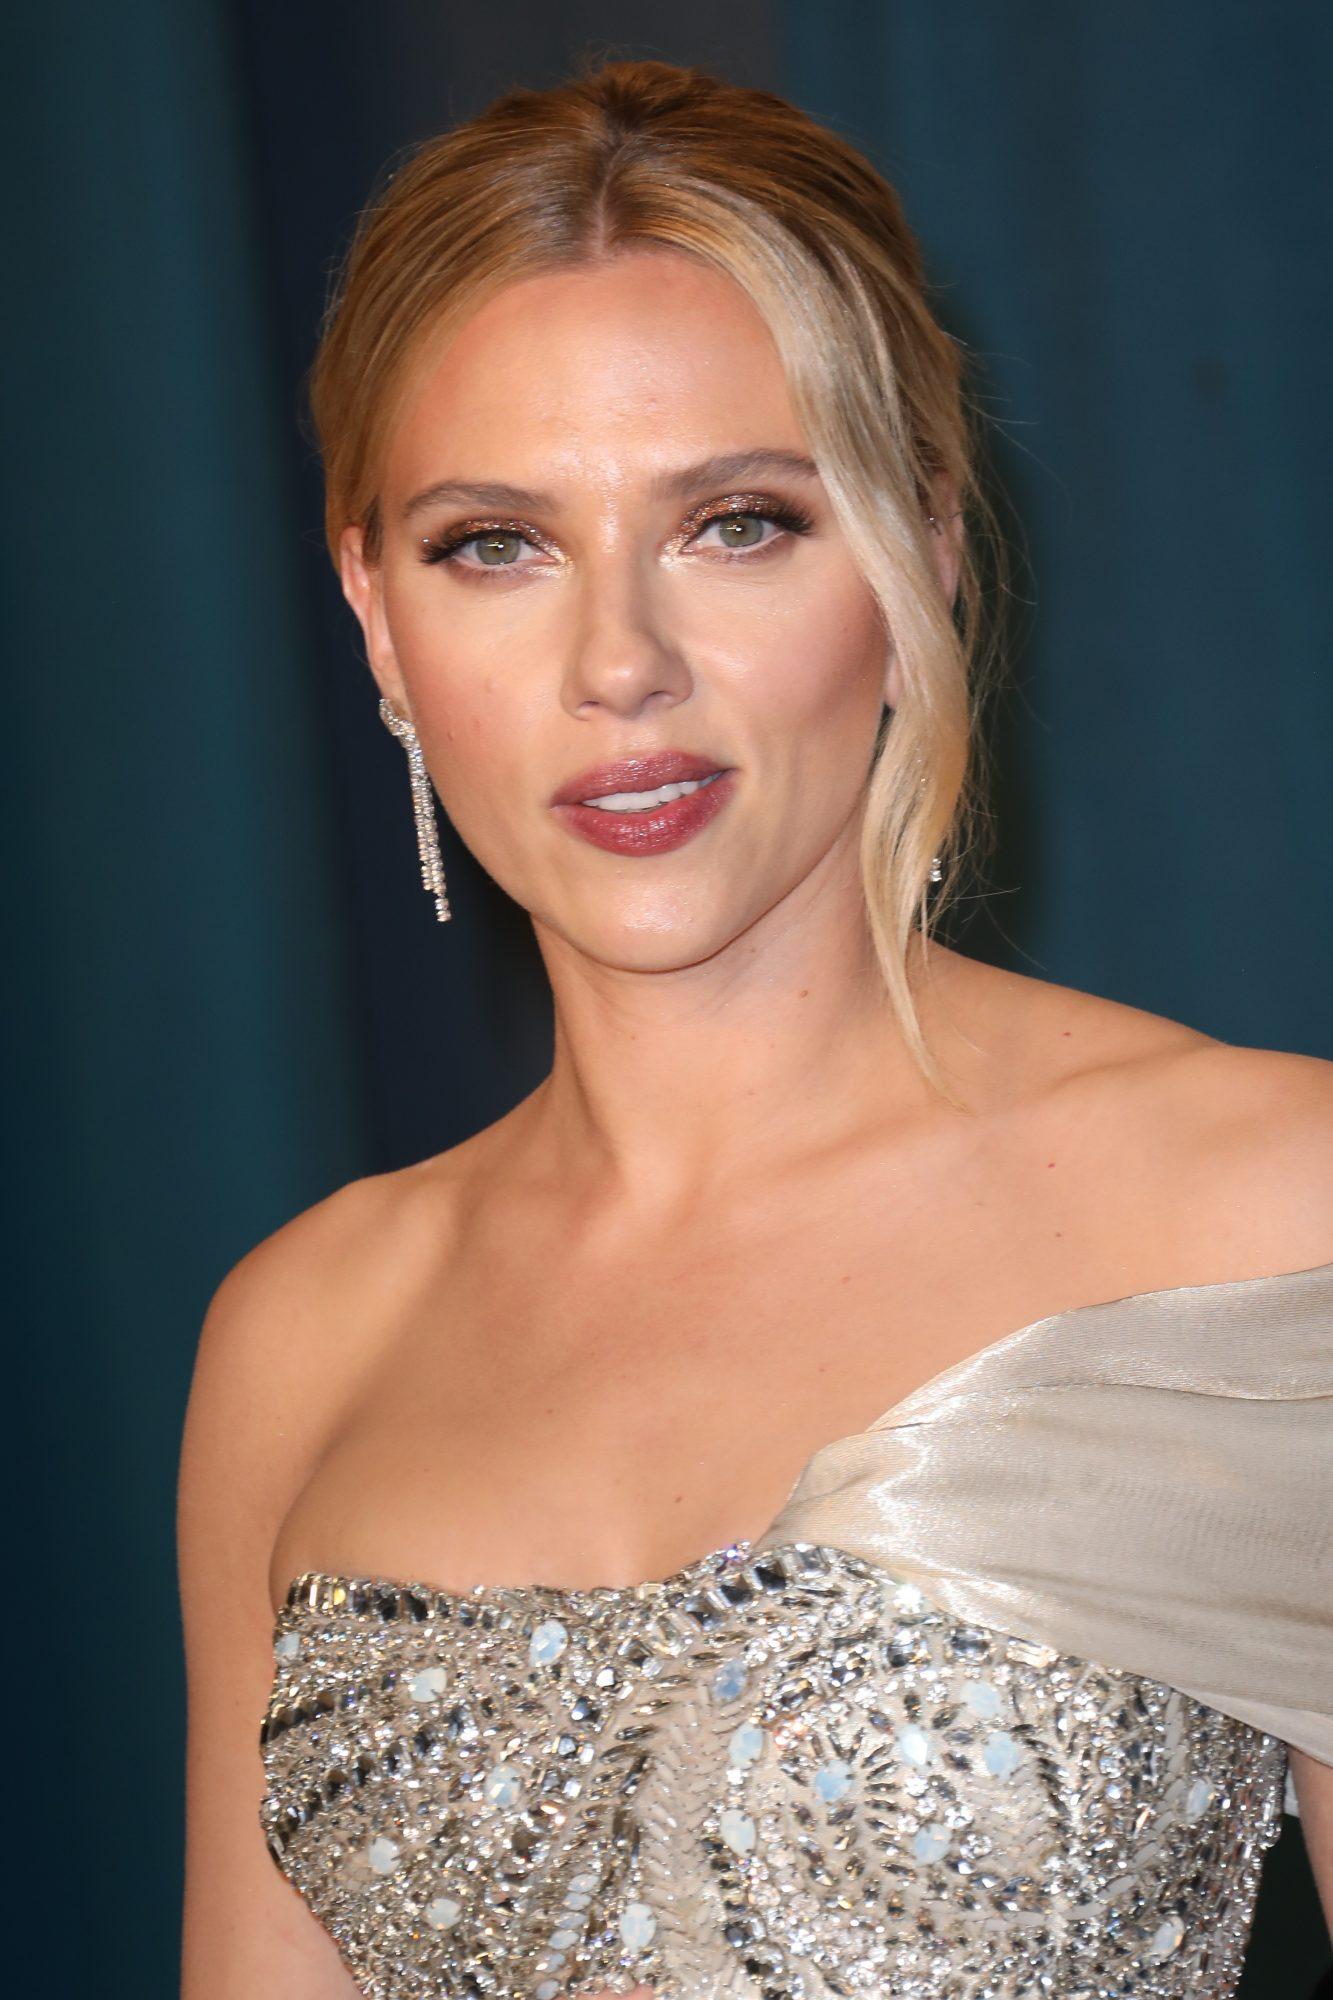 Scarlett Johansson linea para el cuidado de la piel